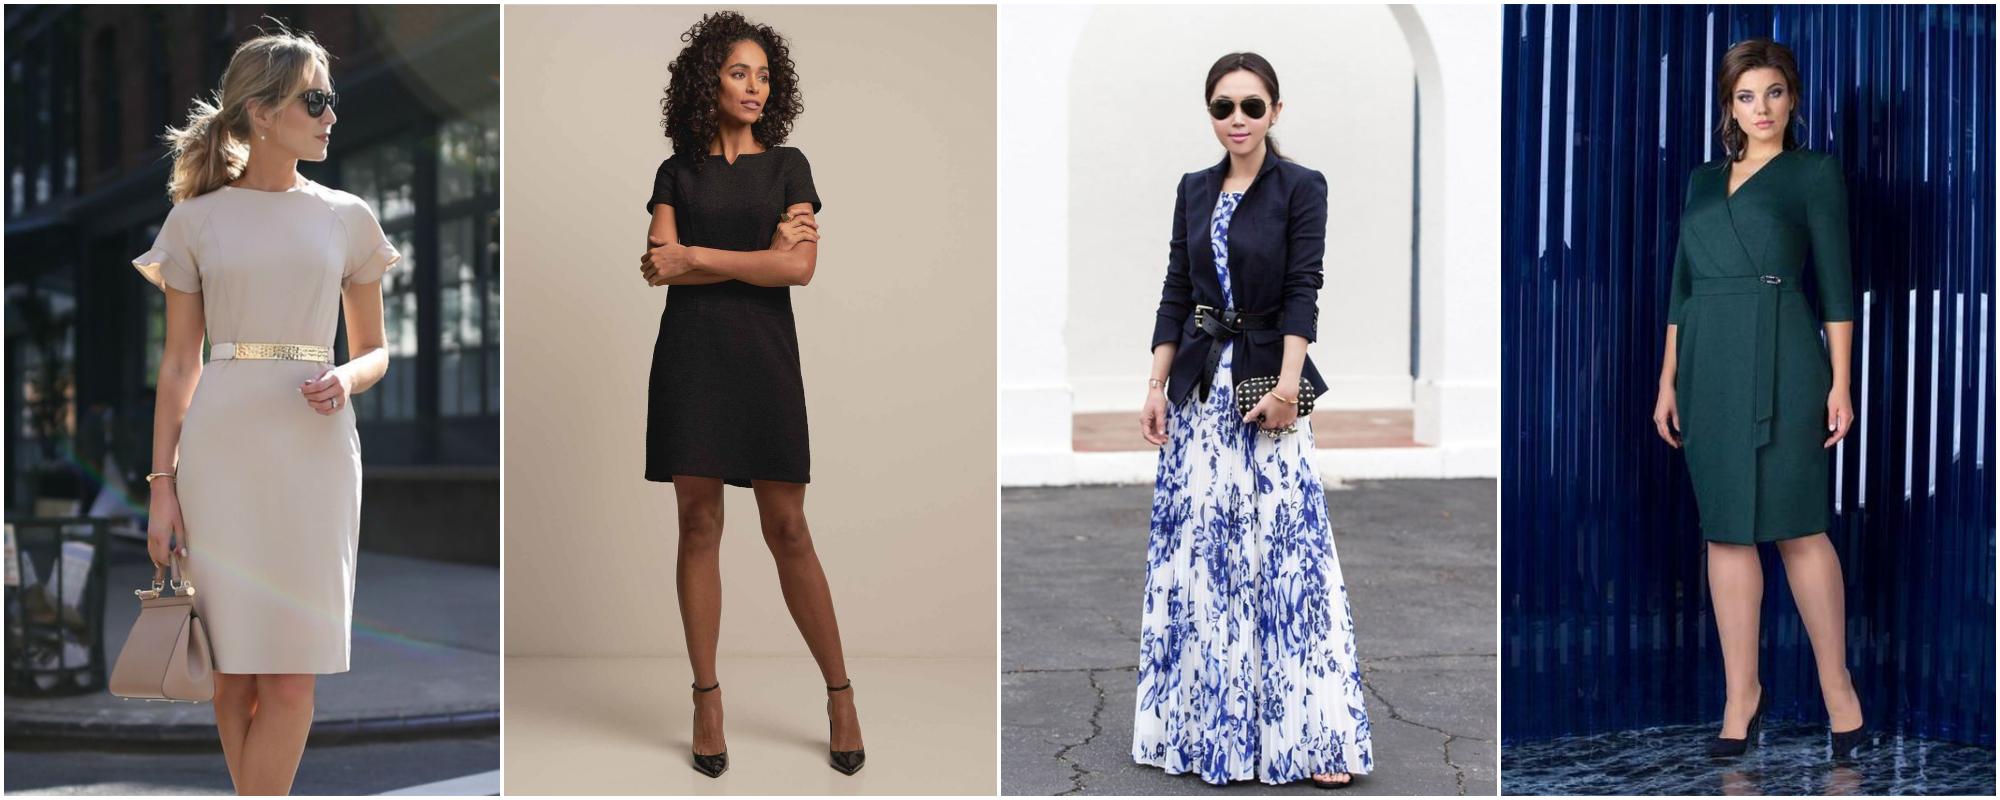 16ce4b4405 Save Vestidos para trabalhar – Não erre na escolha! Muitas mulheres  costumam associar looks de trabalho ...